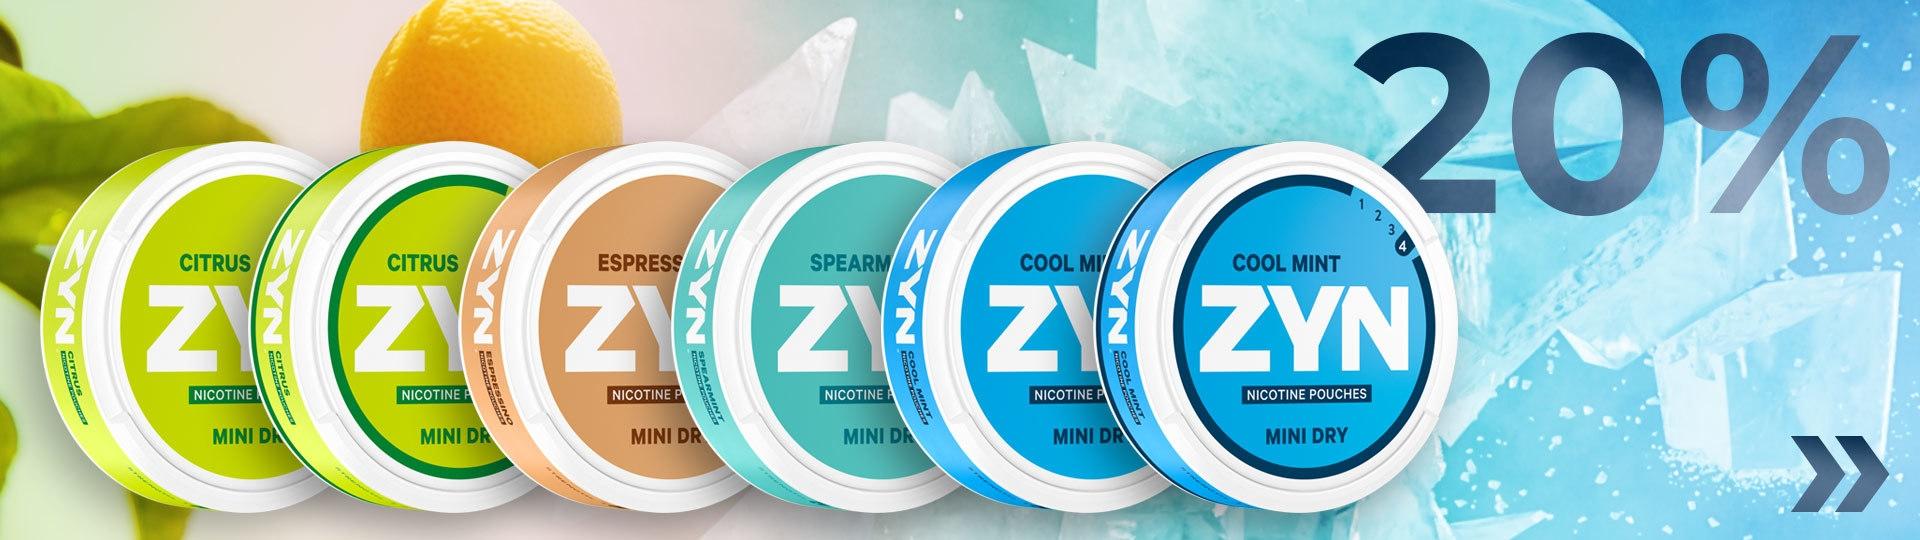 ZYN_20%_Offers